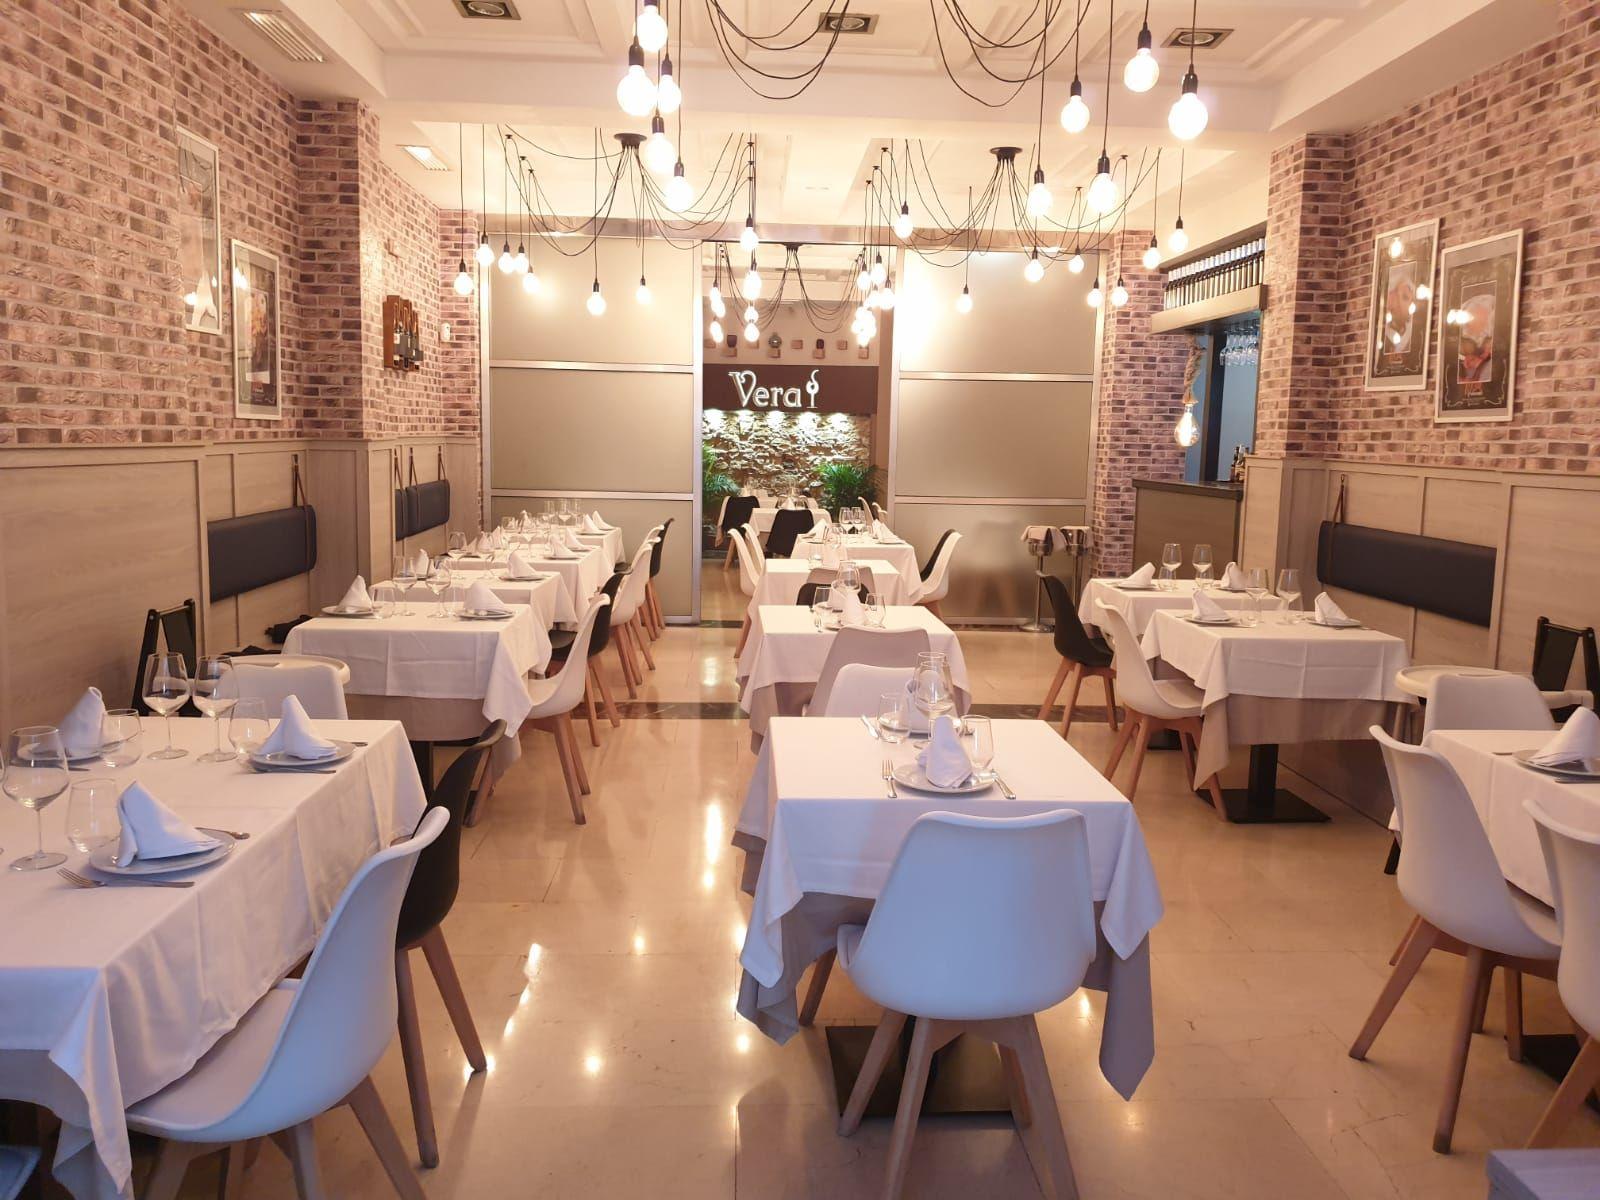 Foto 5 de Restaurante ecuatoriano en Valencia | Vera Restaurante